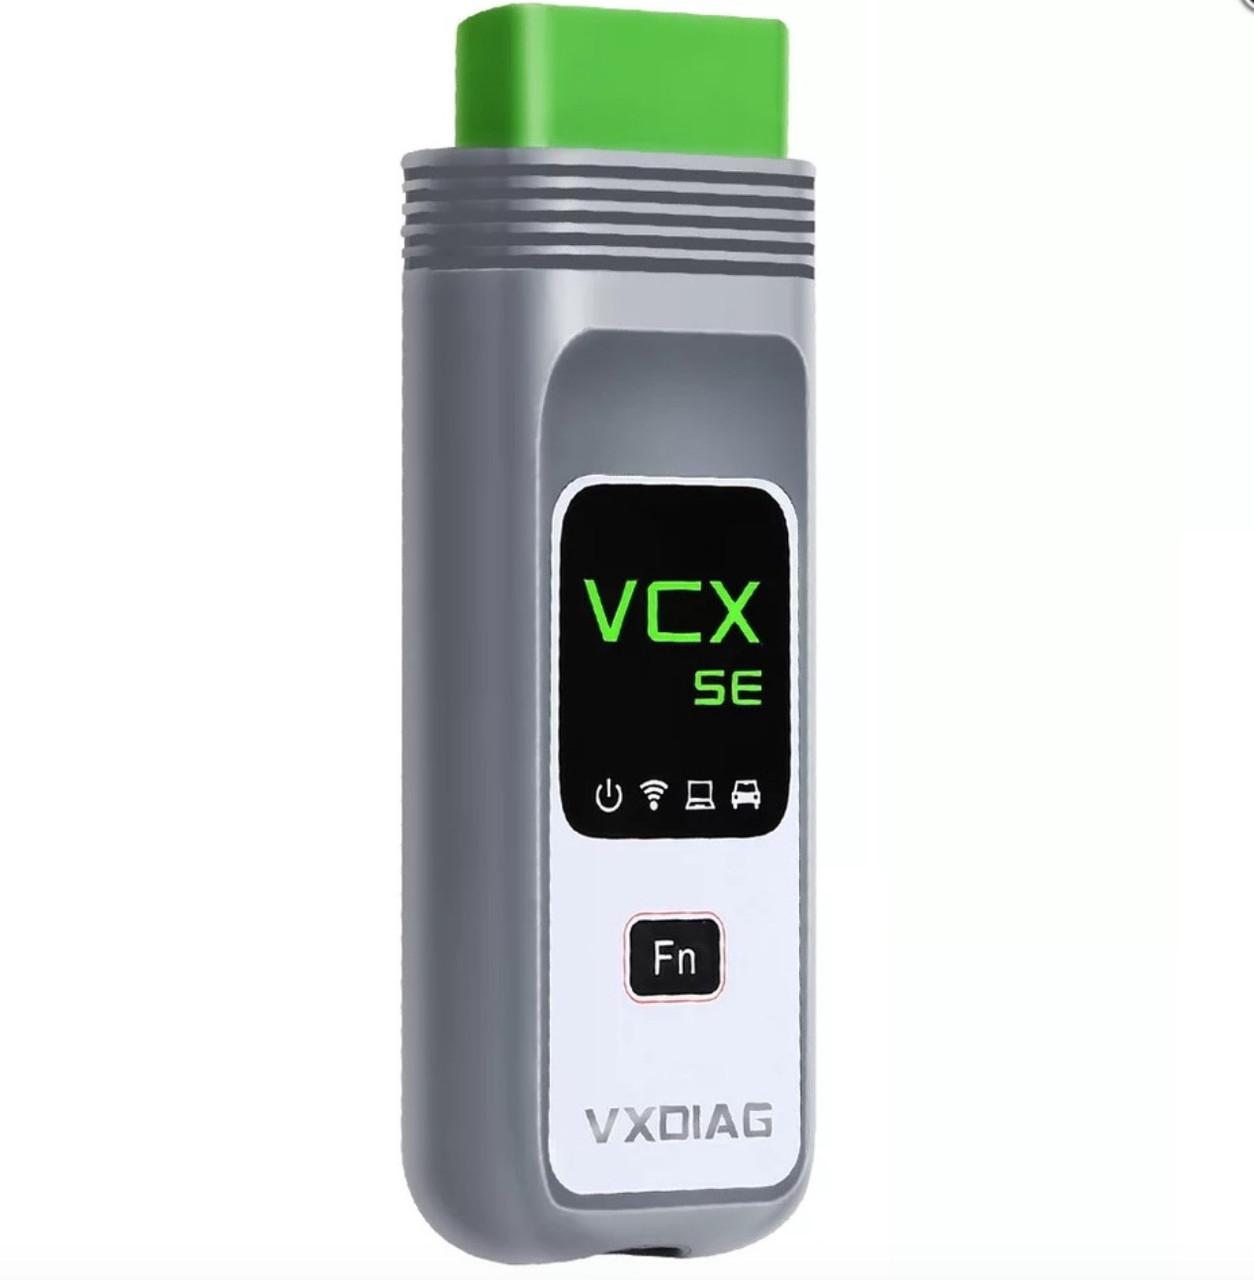 Диагностический сканер VXDIAG VCX SE OBD2 для диагностики BMW (Wi-Fi + USB)